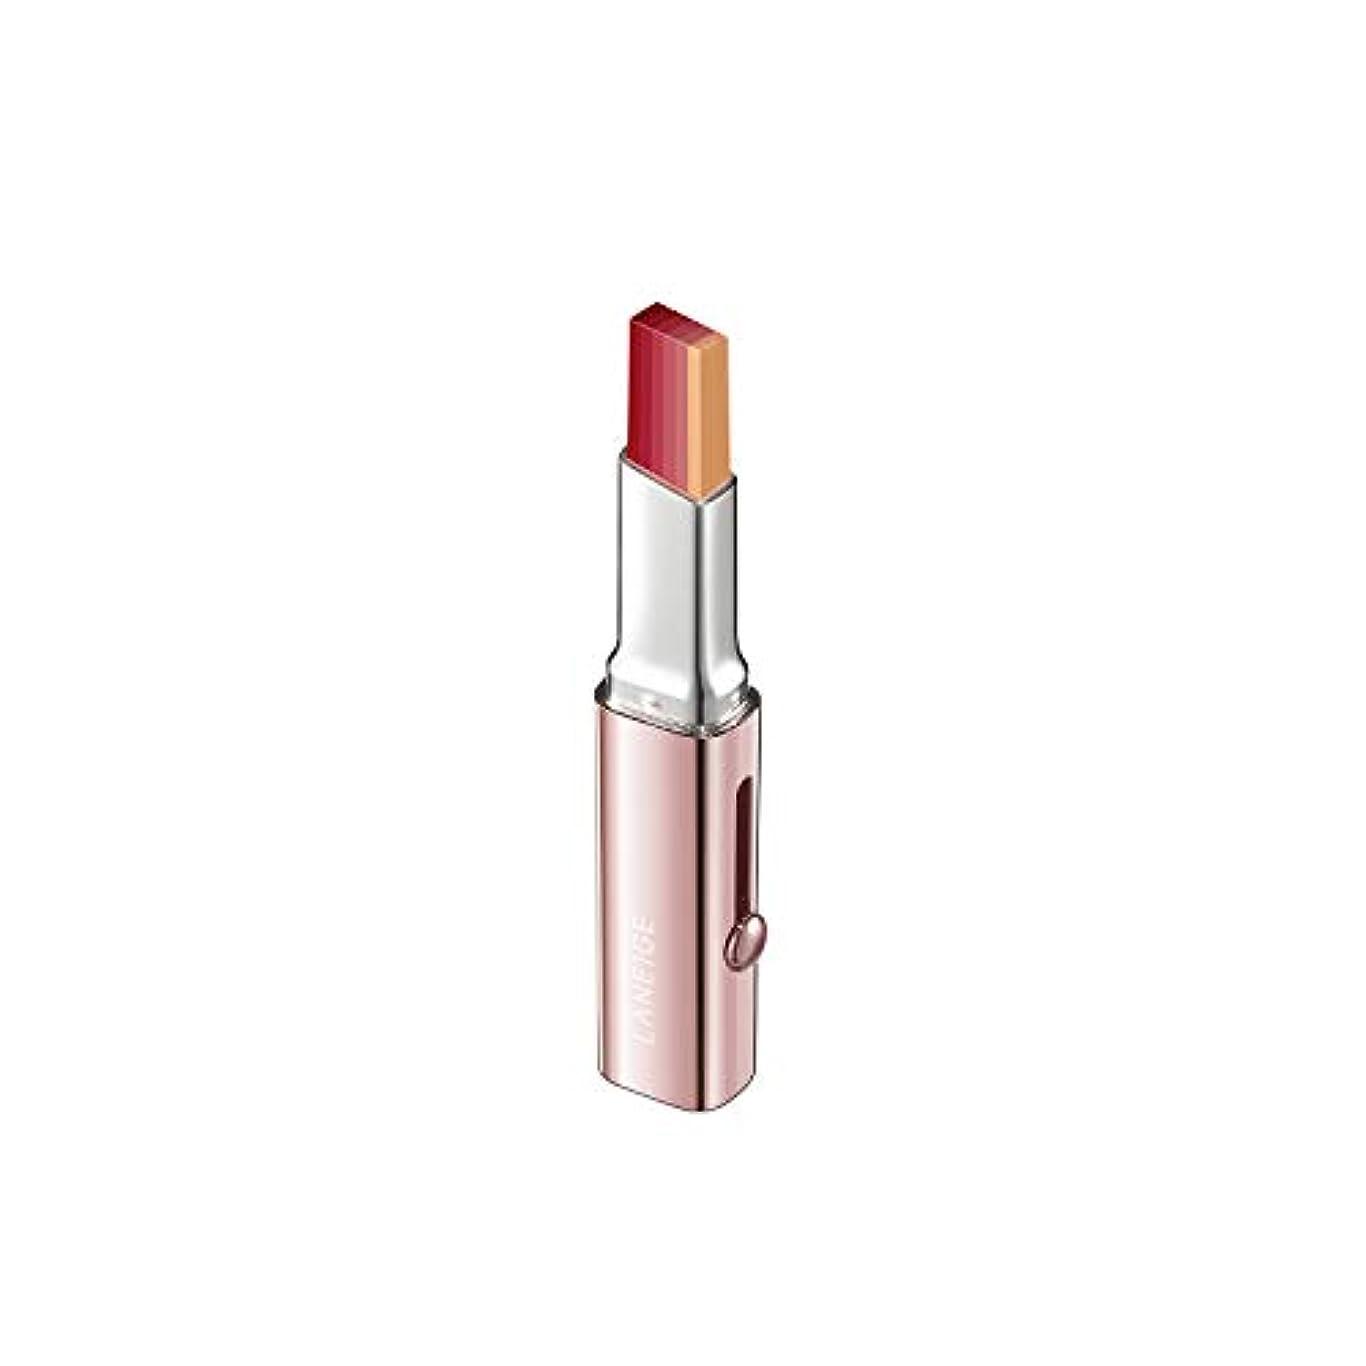 逆説勝つ比較【ラネージュ】階層リップバー(1.9G)/ Layering Lip Bar-6つのカラーでのグラデーションカラー演出 (#19 GENNY RED)